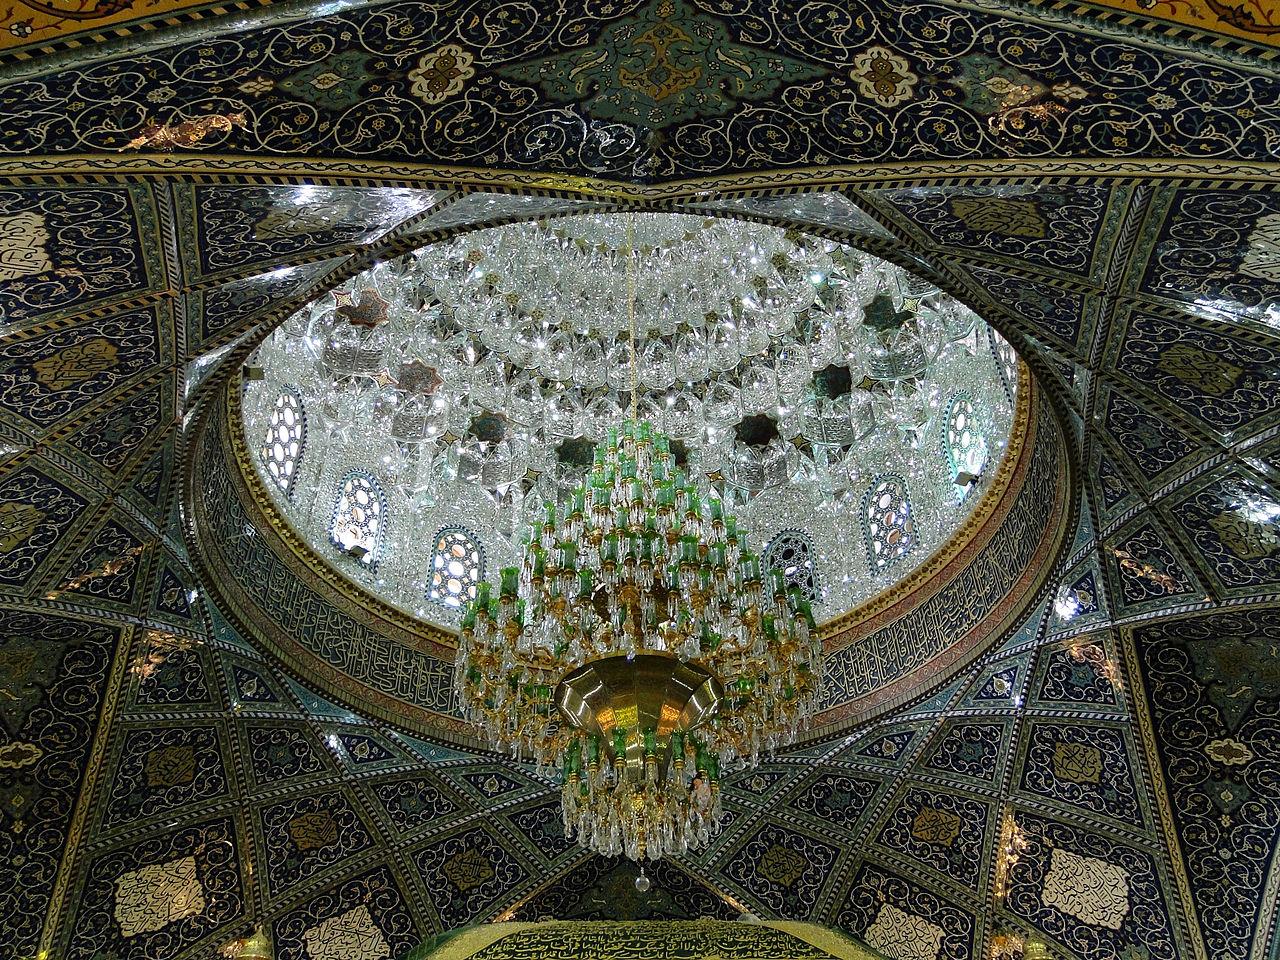 1280px-Sayyidah_Ruqayya_Mosque_-_Chandelier_02  Mood board: 50 Exuberant Chandeliers 1280px Sayyidah Ruqayya Mosque   Chandelier 02